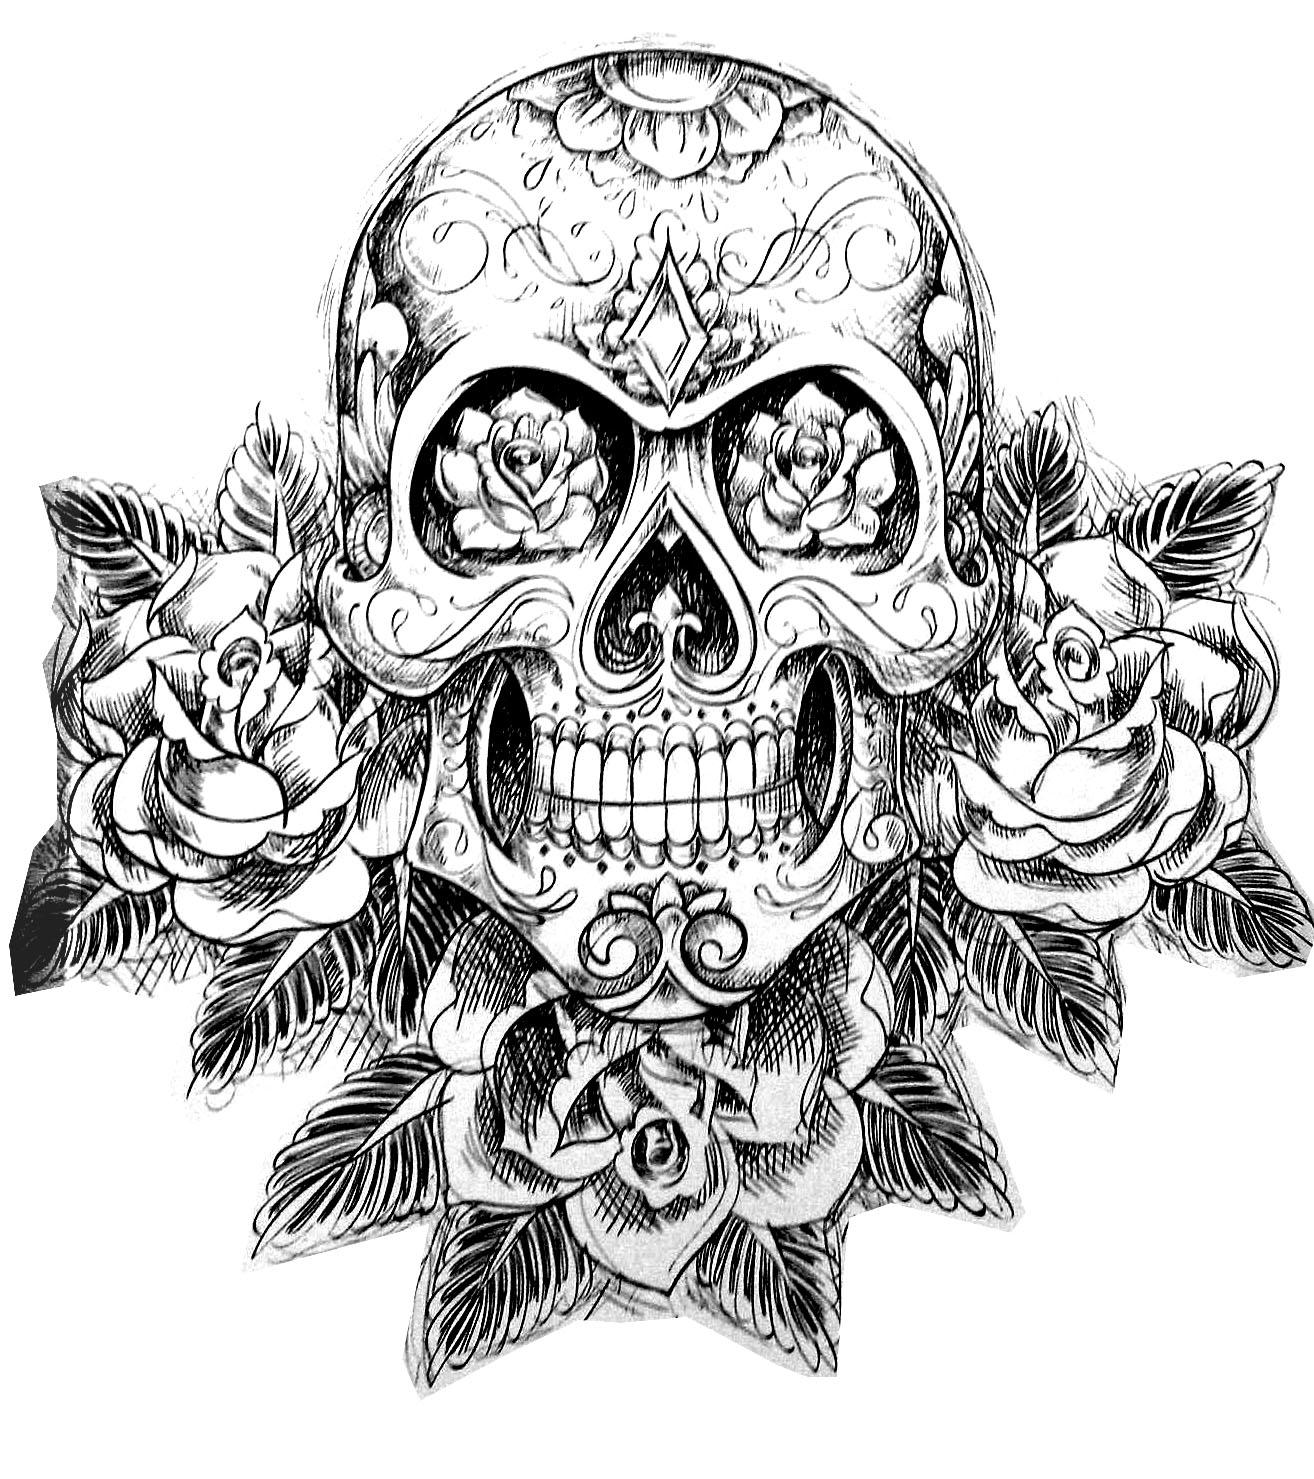 image de type tatoo dun crne accompagn de roses et autres dtails vgtaux